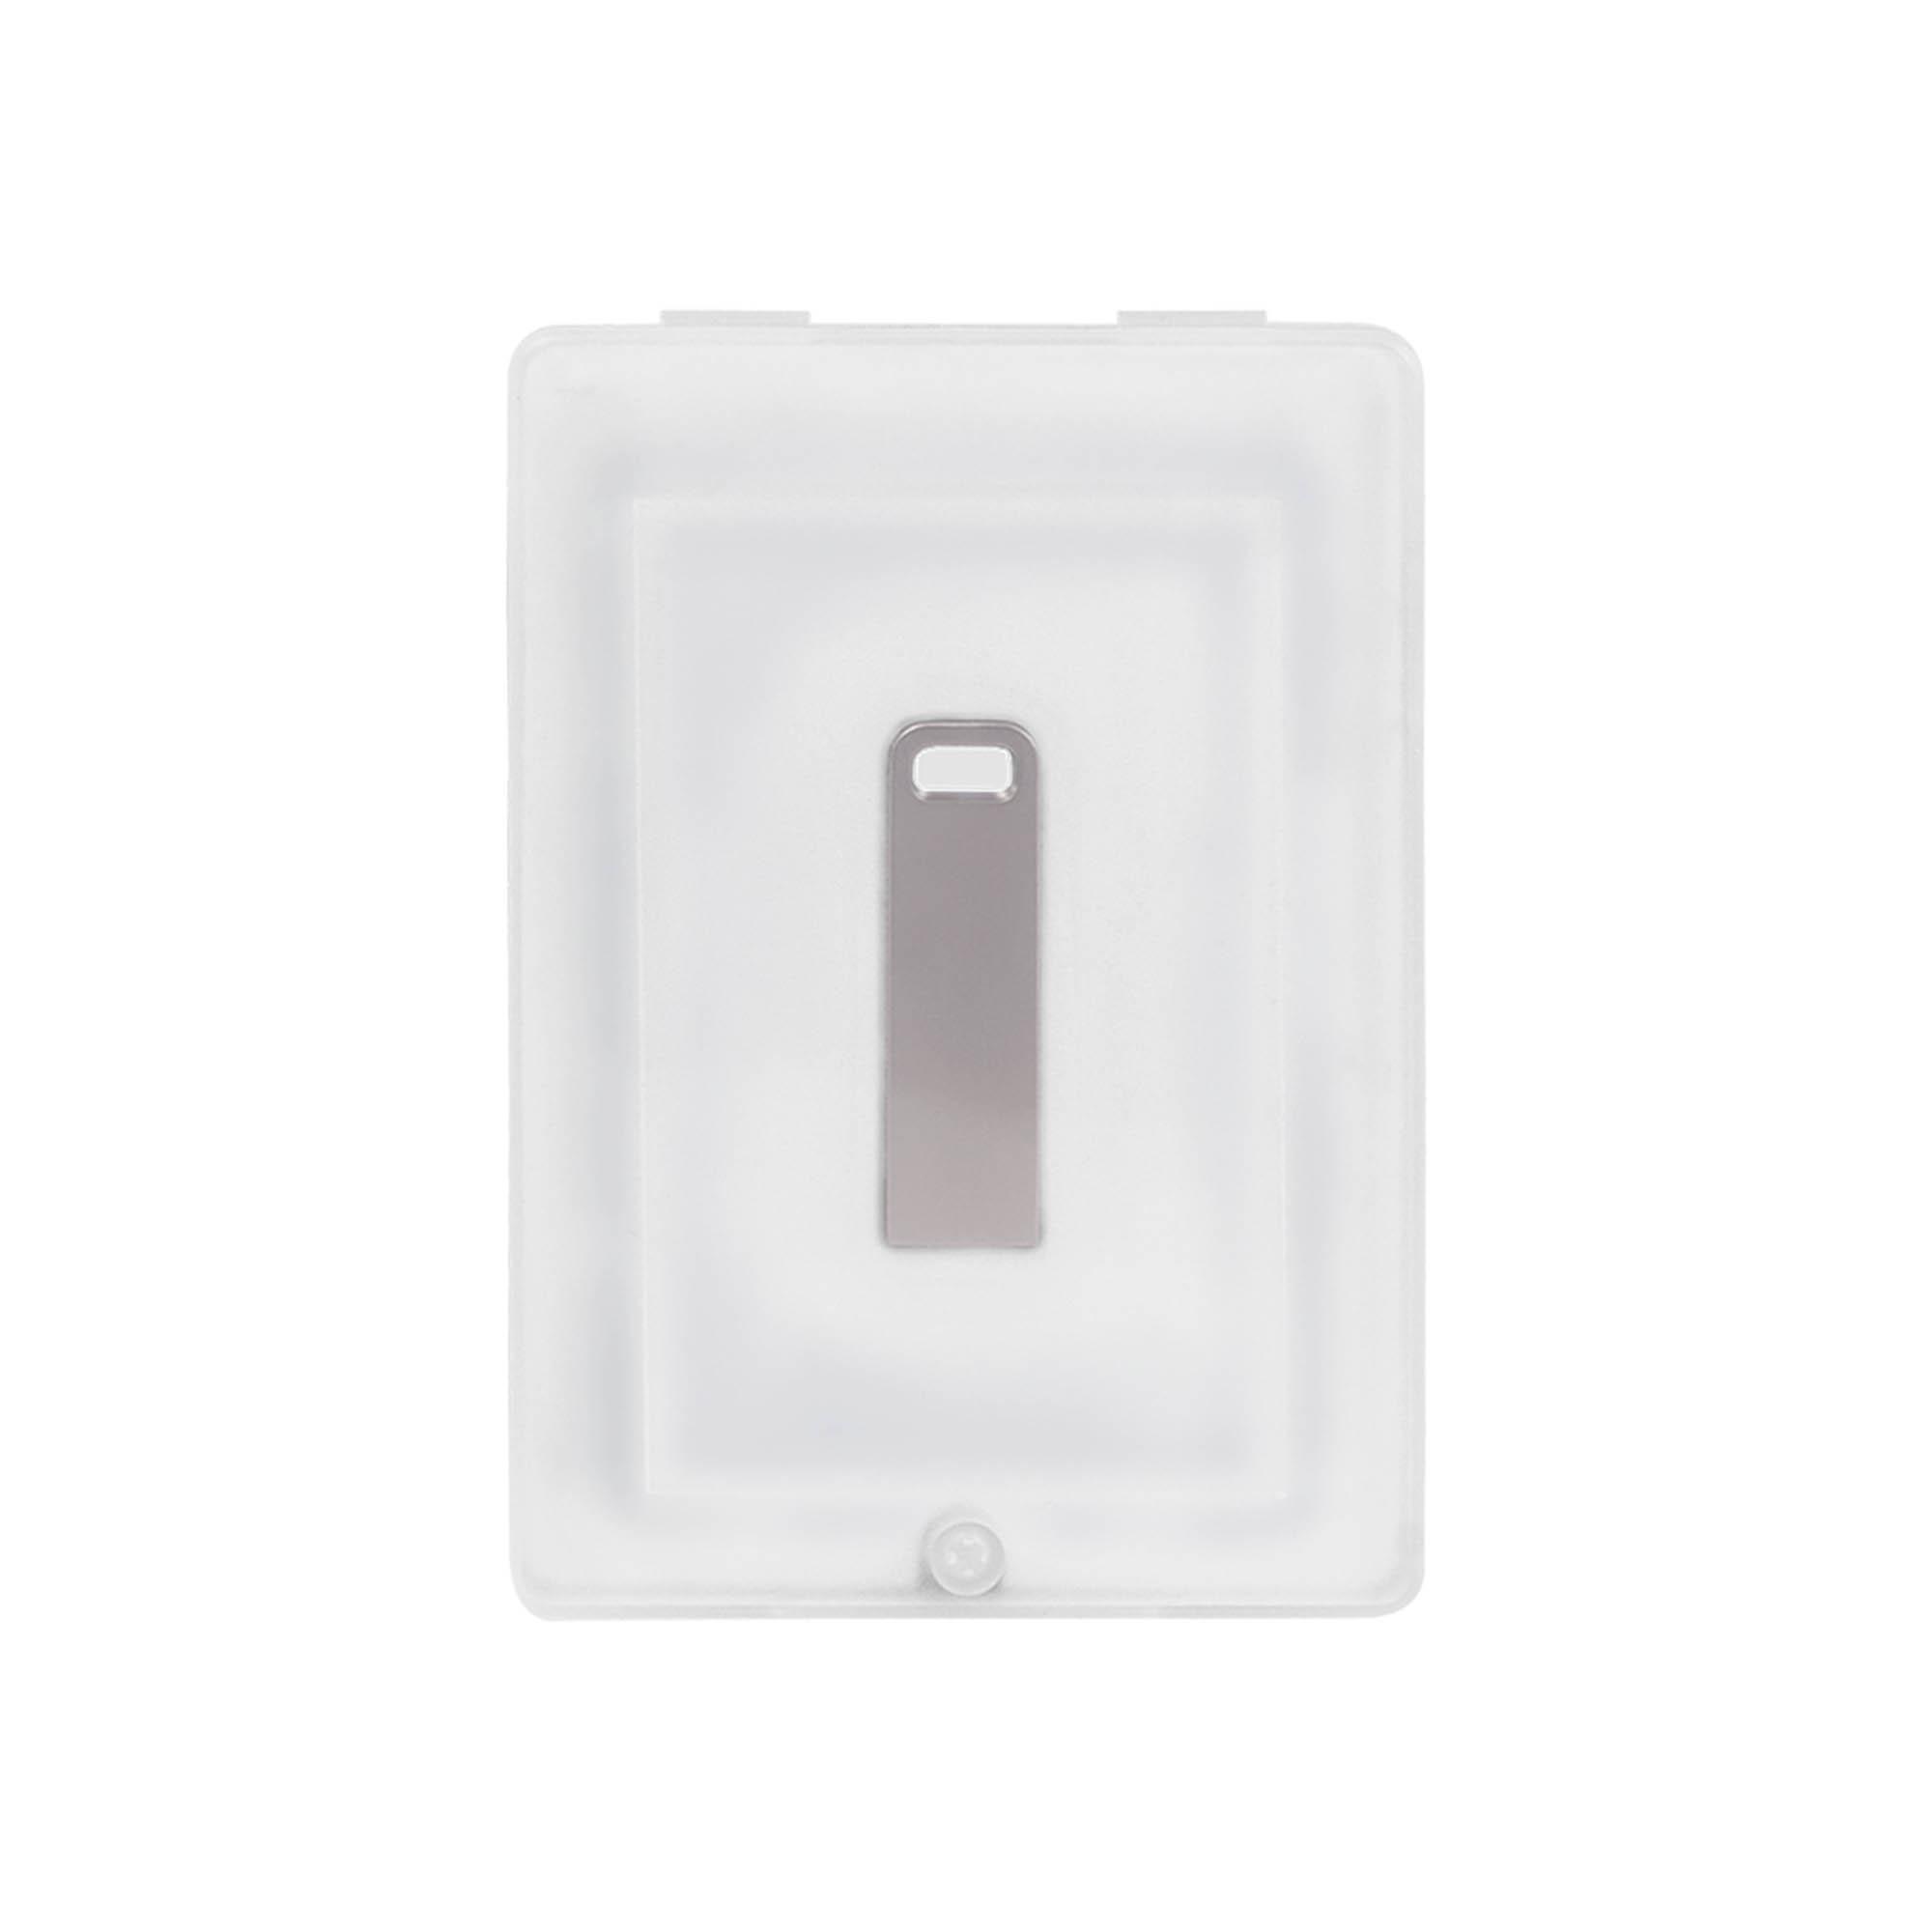 USB Флешка, Flash, 32 Gb, серебряный, в подарочной упаковке, серебряный,